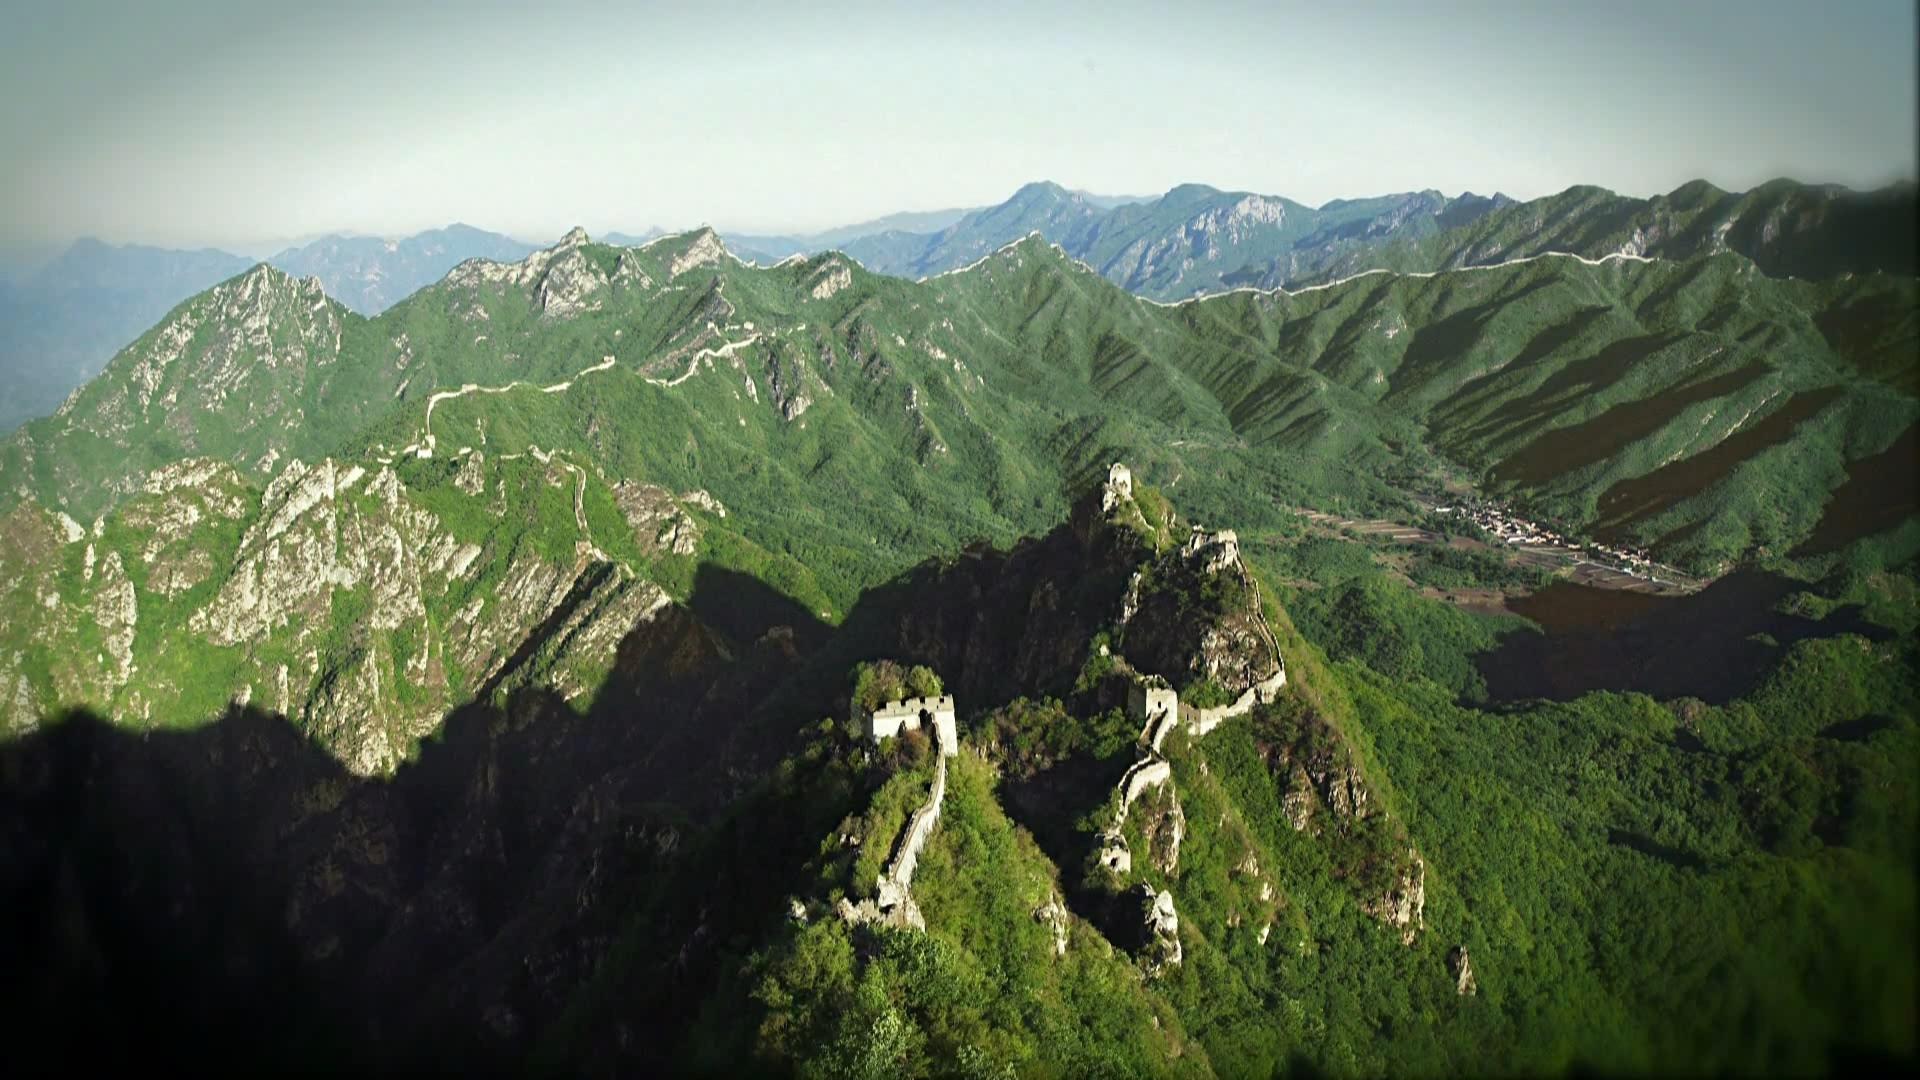 长城城墙历史记忆自然风景实拍视频素材背景